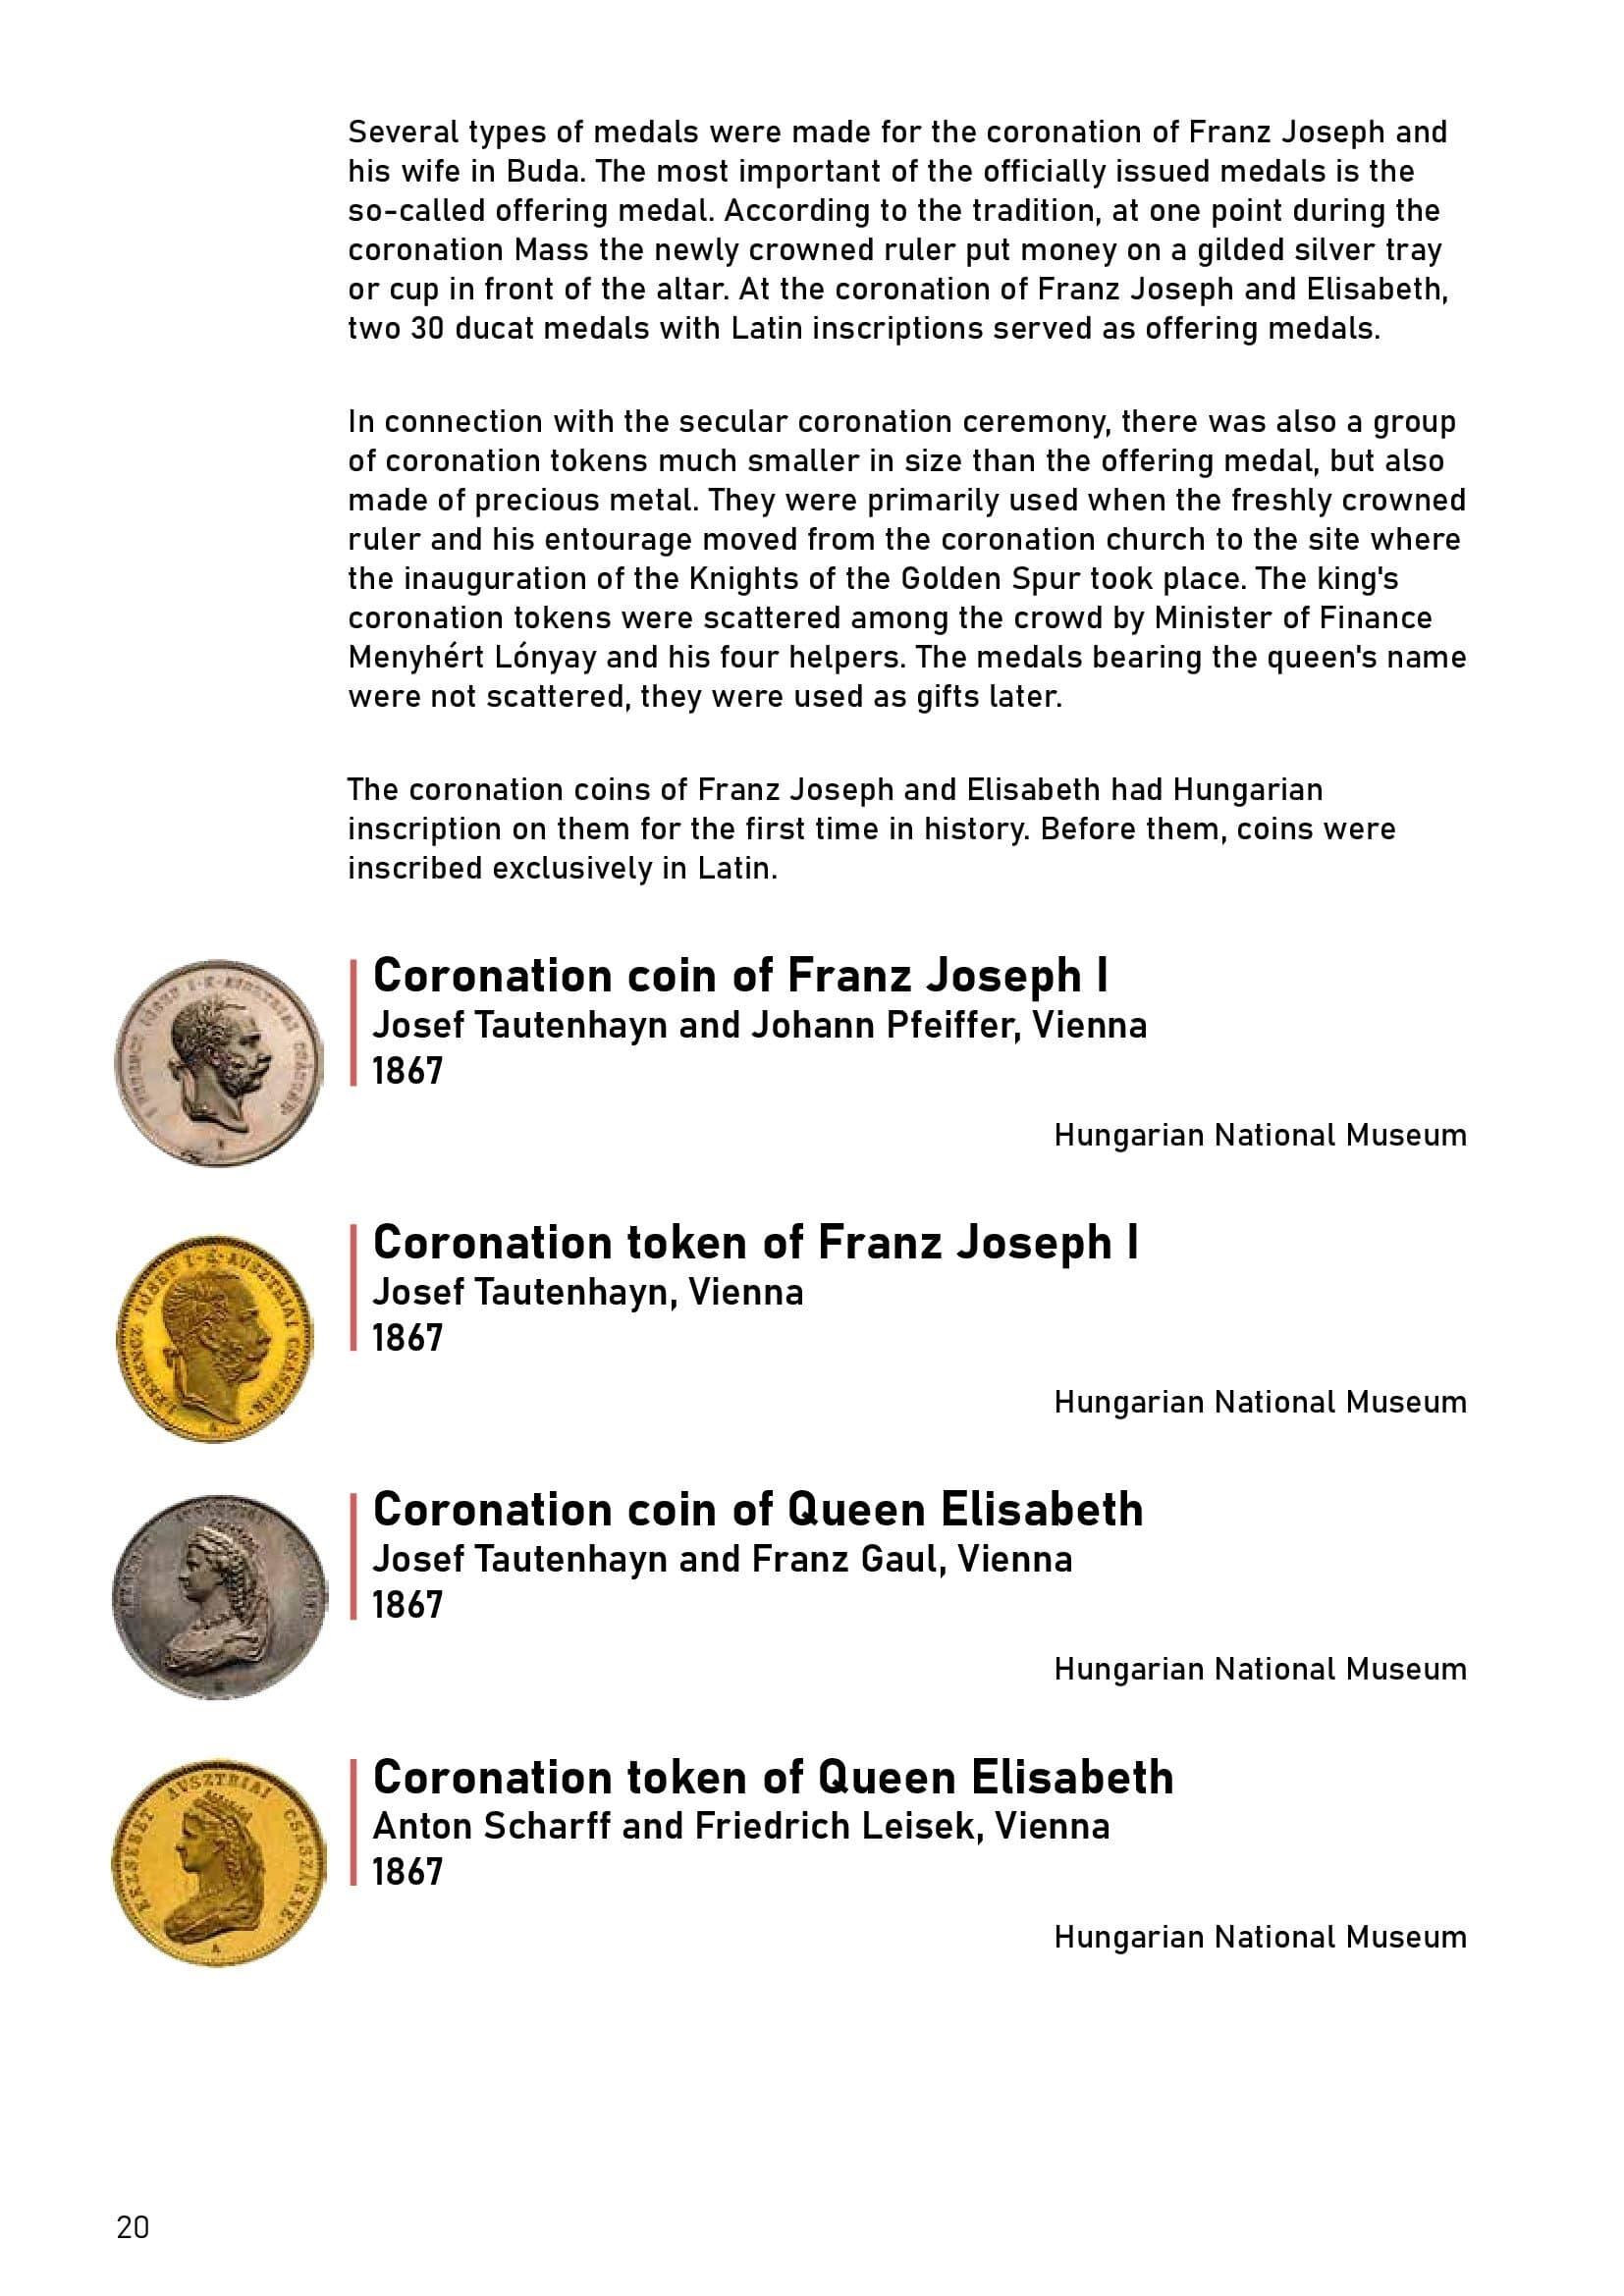 Sisi English guide_00020